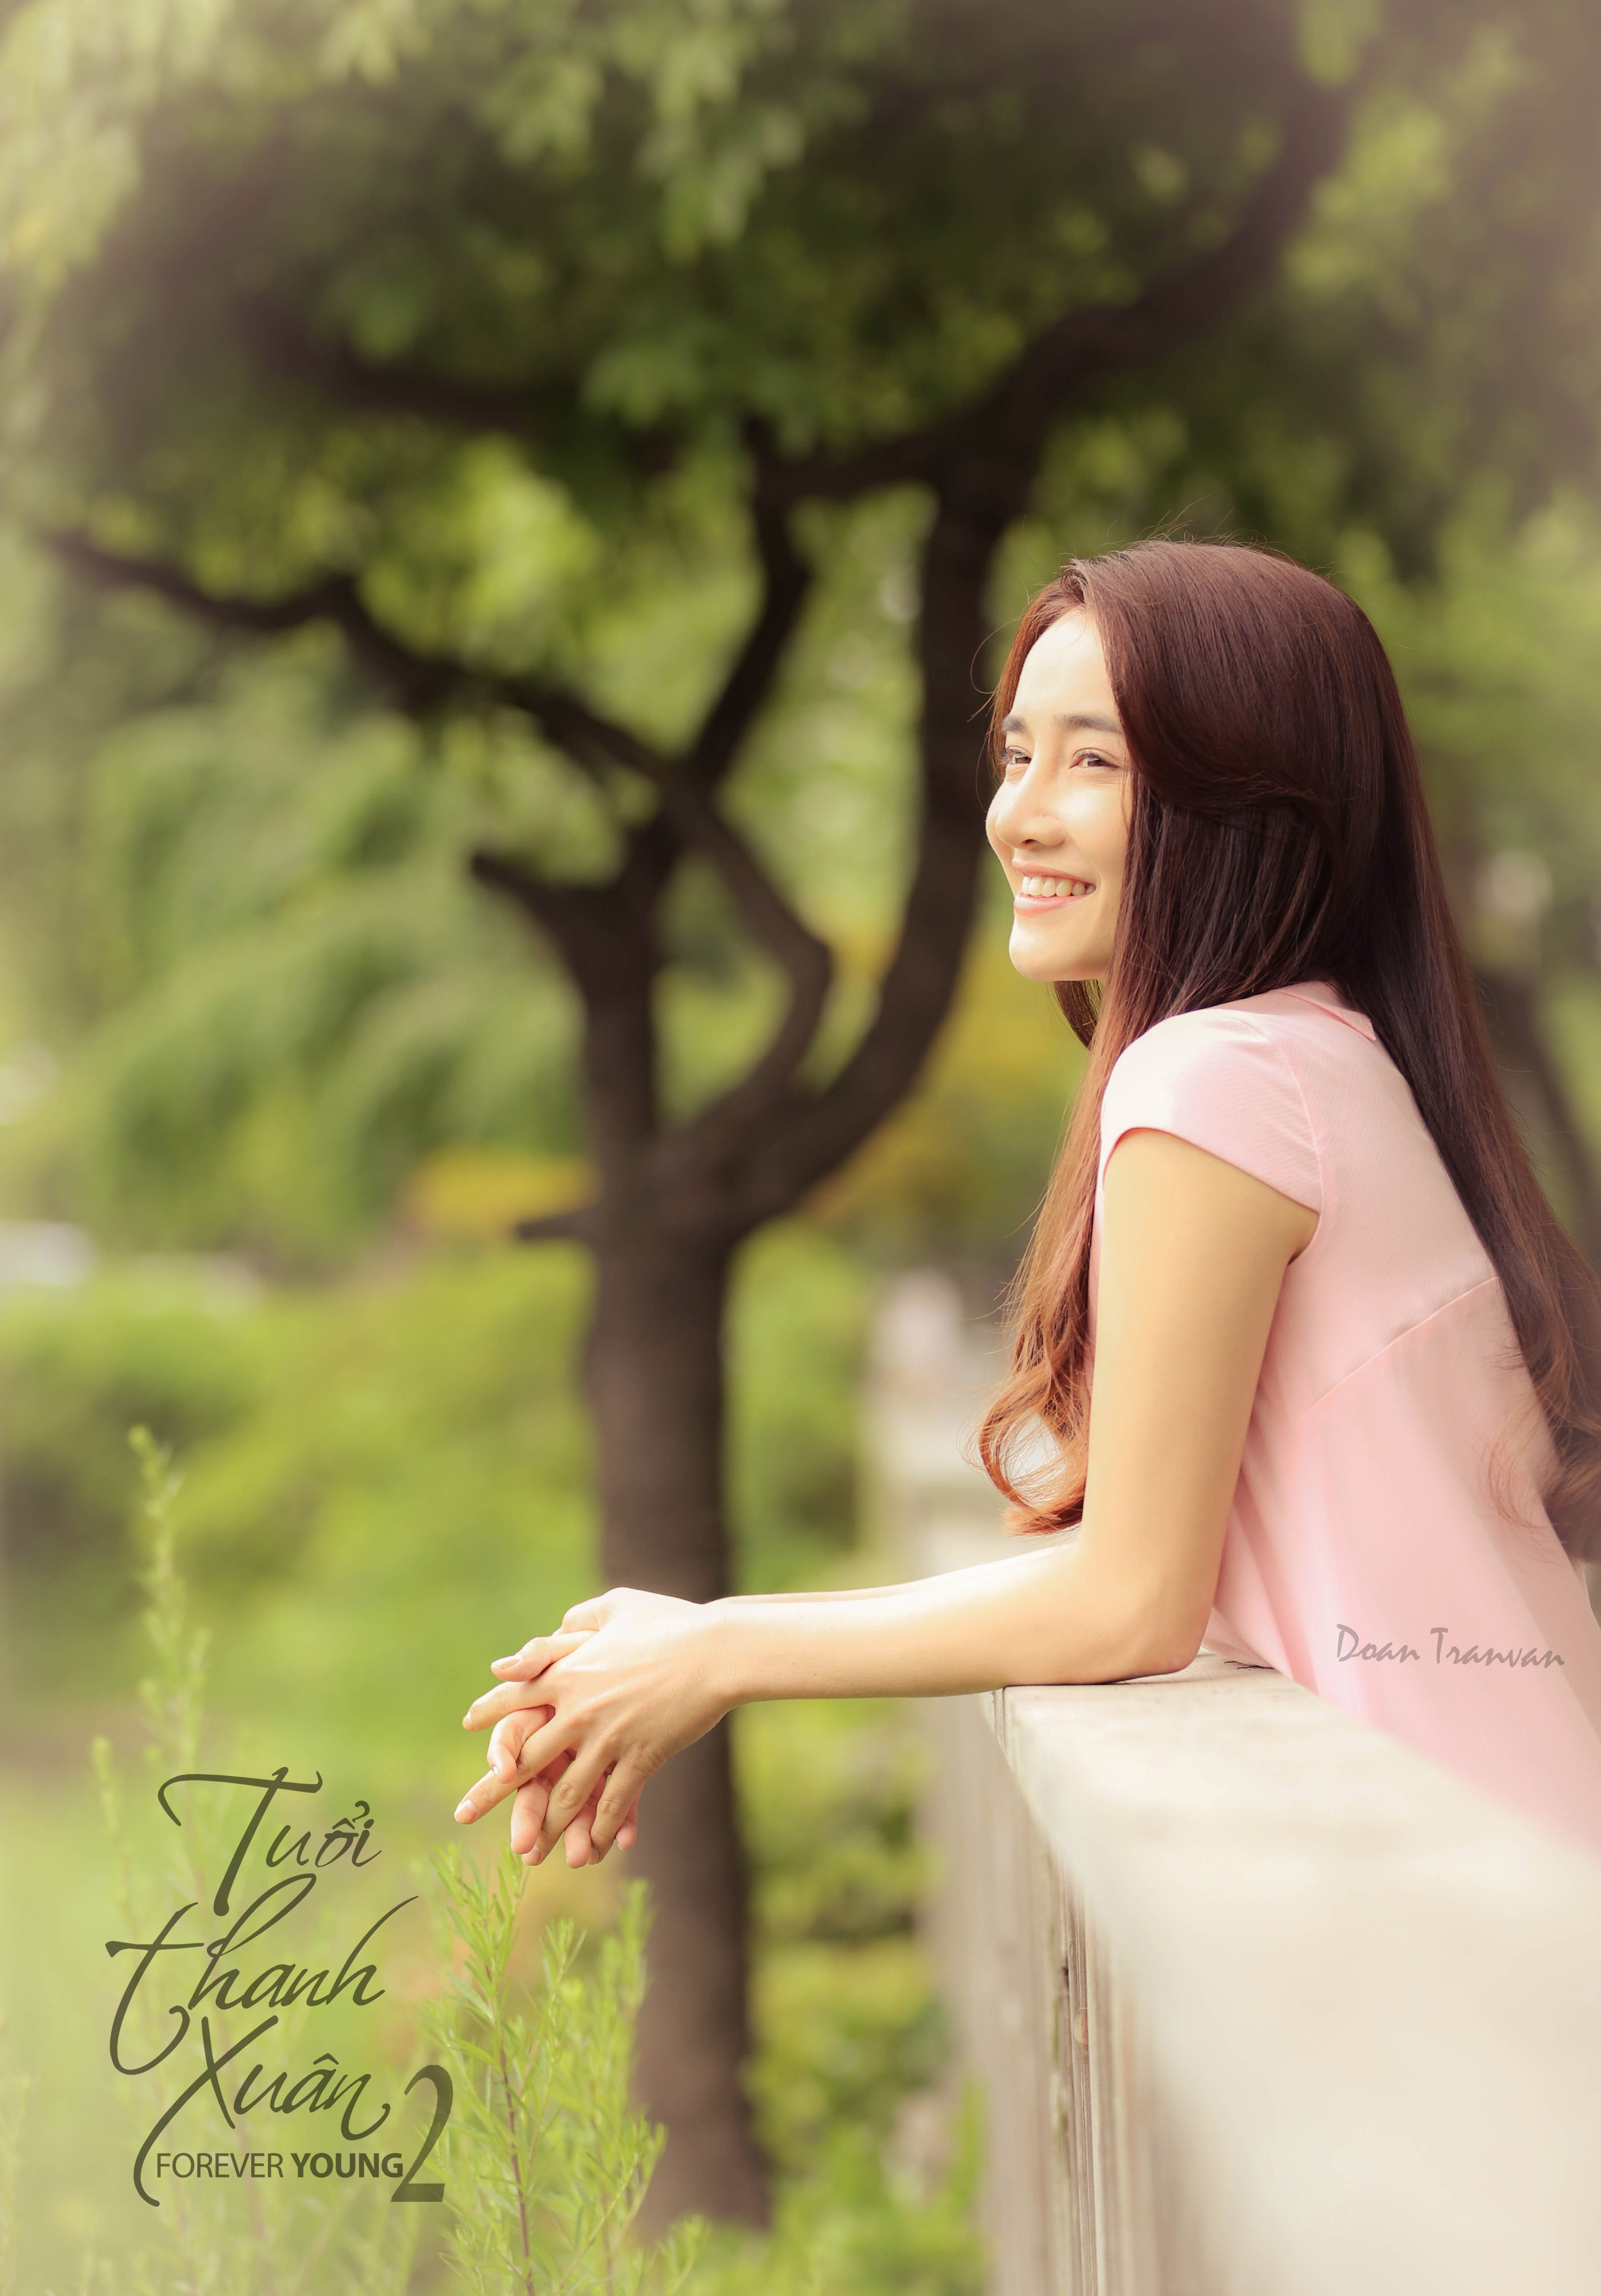 Kang Tae Oh - Nhã Phương ngọt ngào bên nhau trong loạt poster Tuổi Thanh Xuân 2 - Ảnh 5.